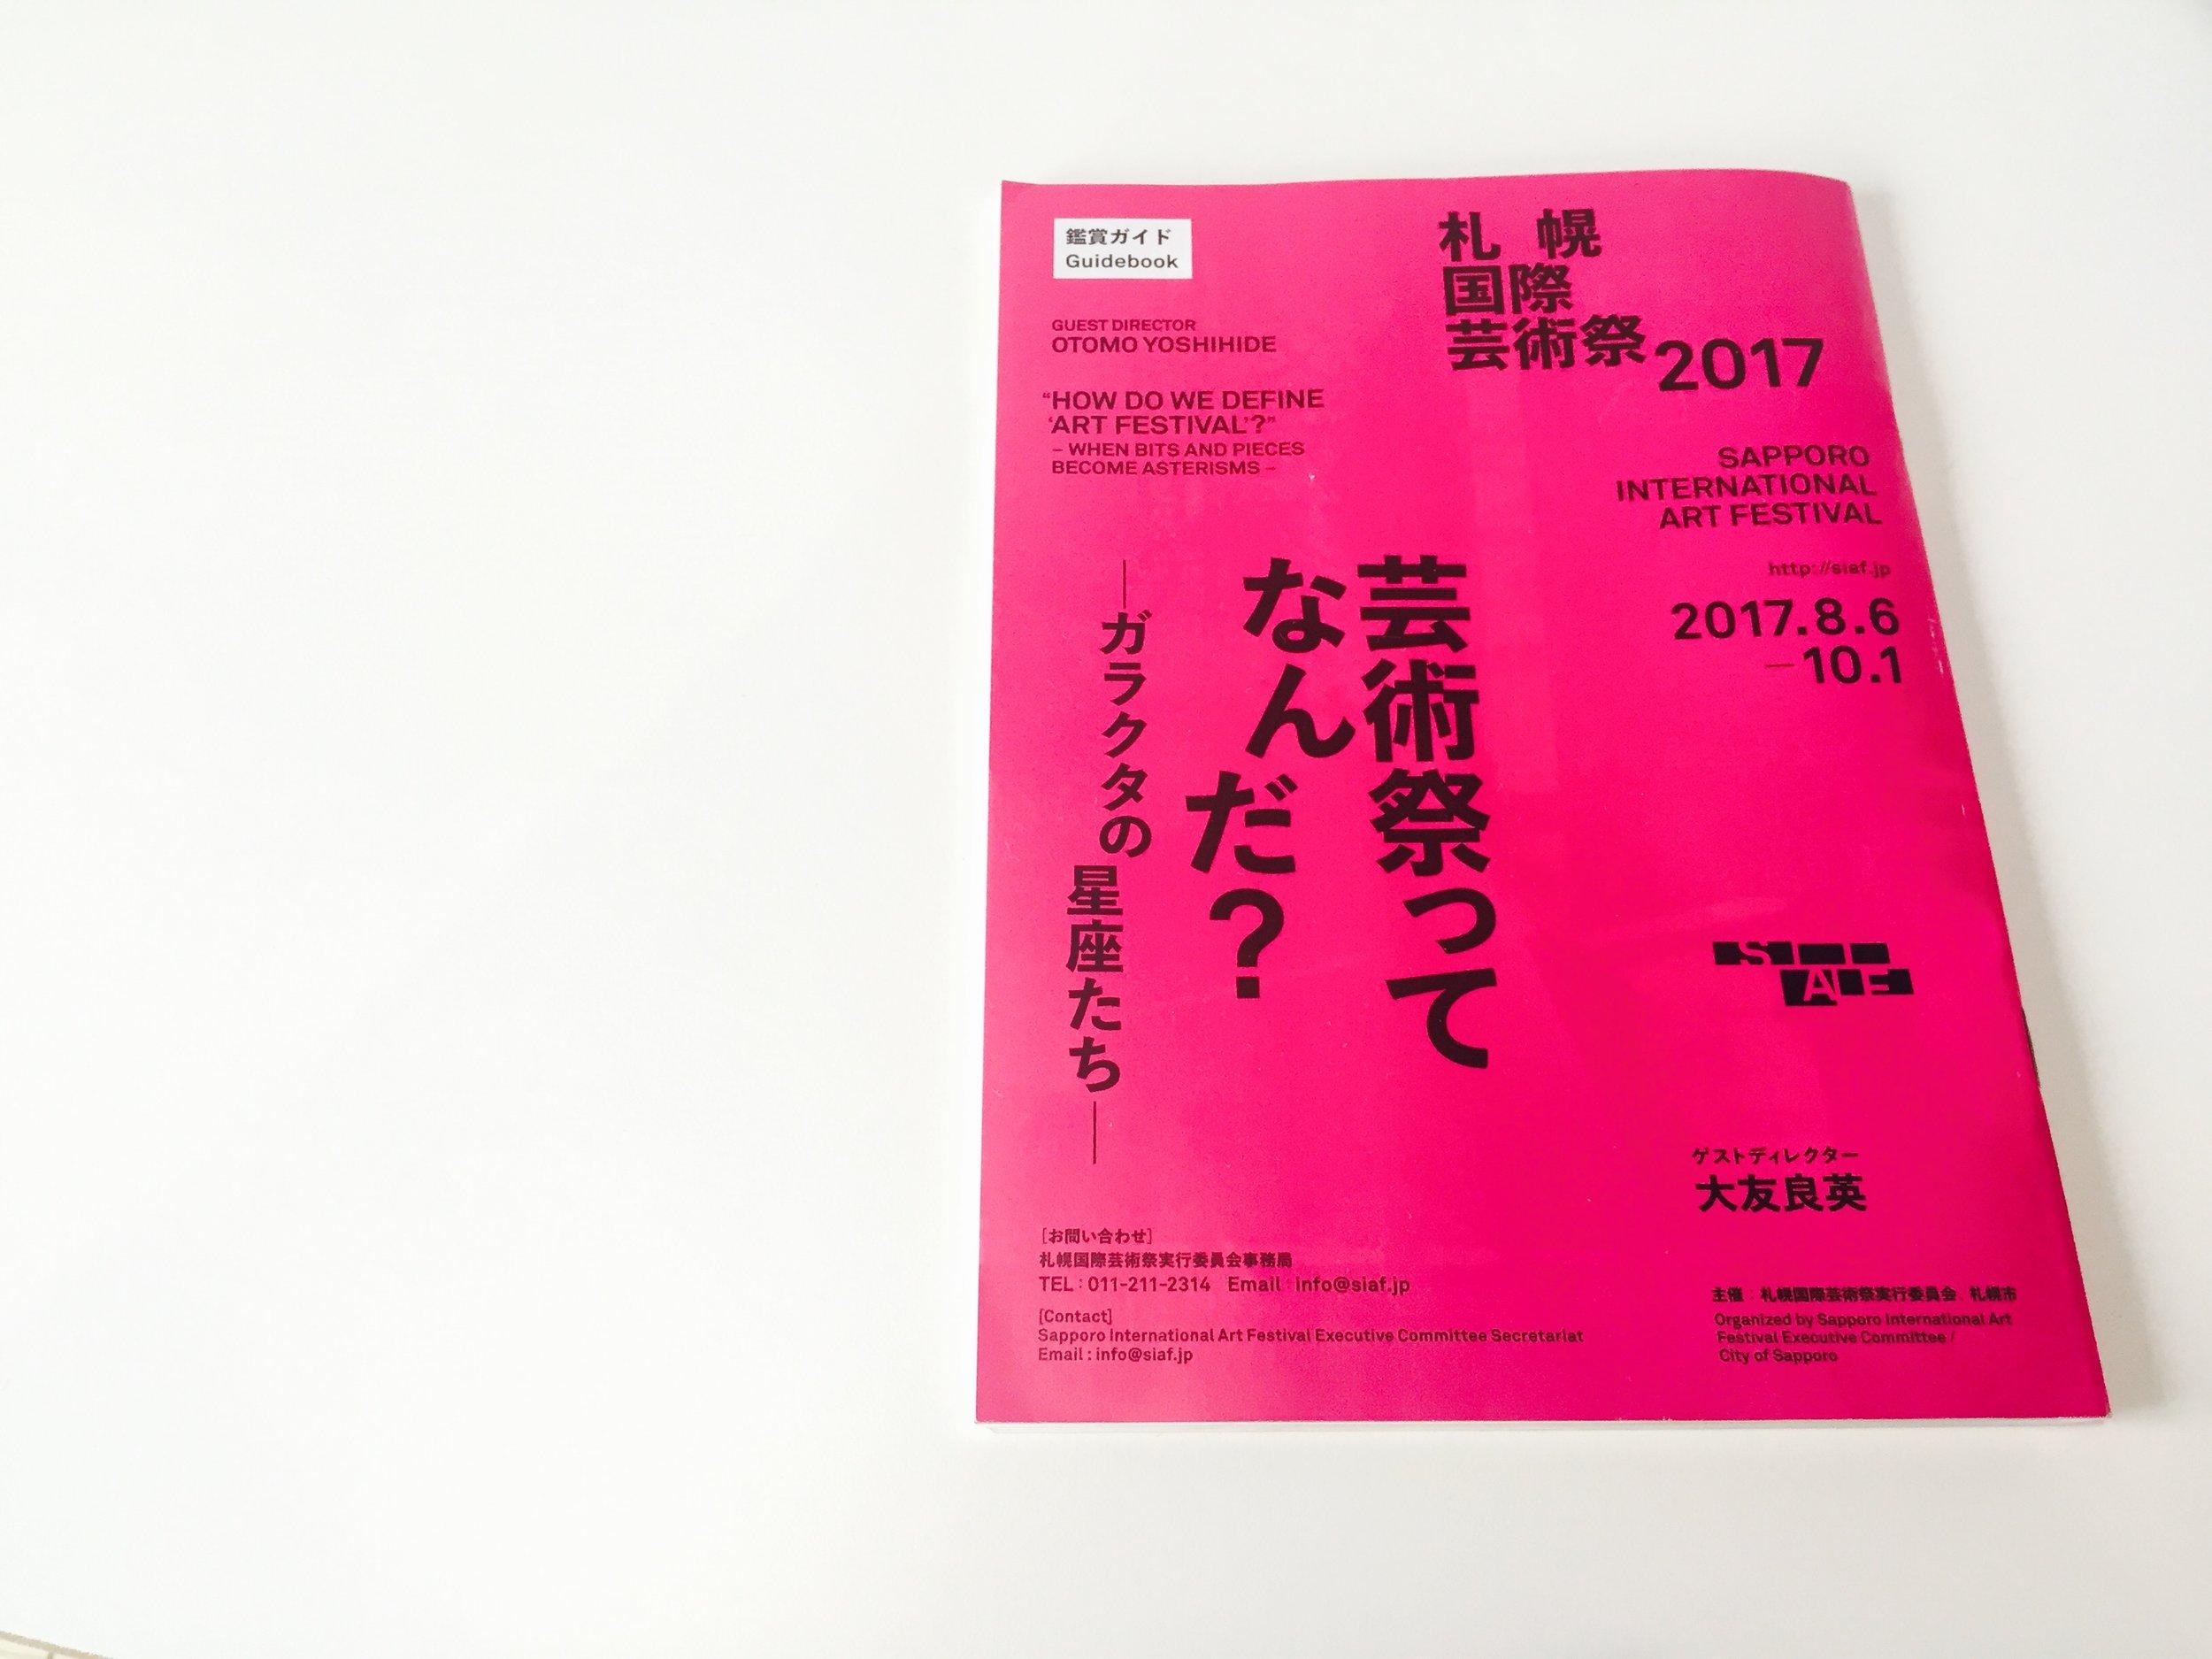 Sapporo International Art Festival